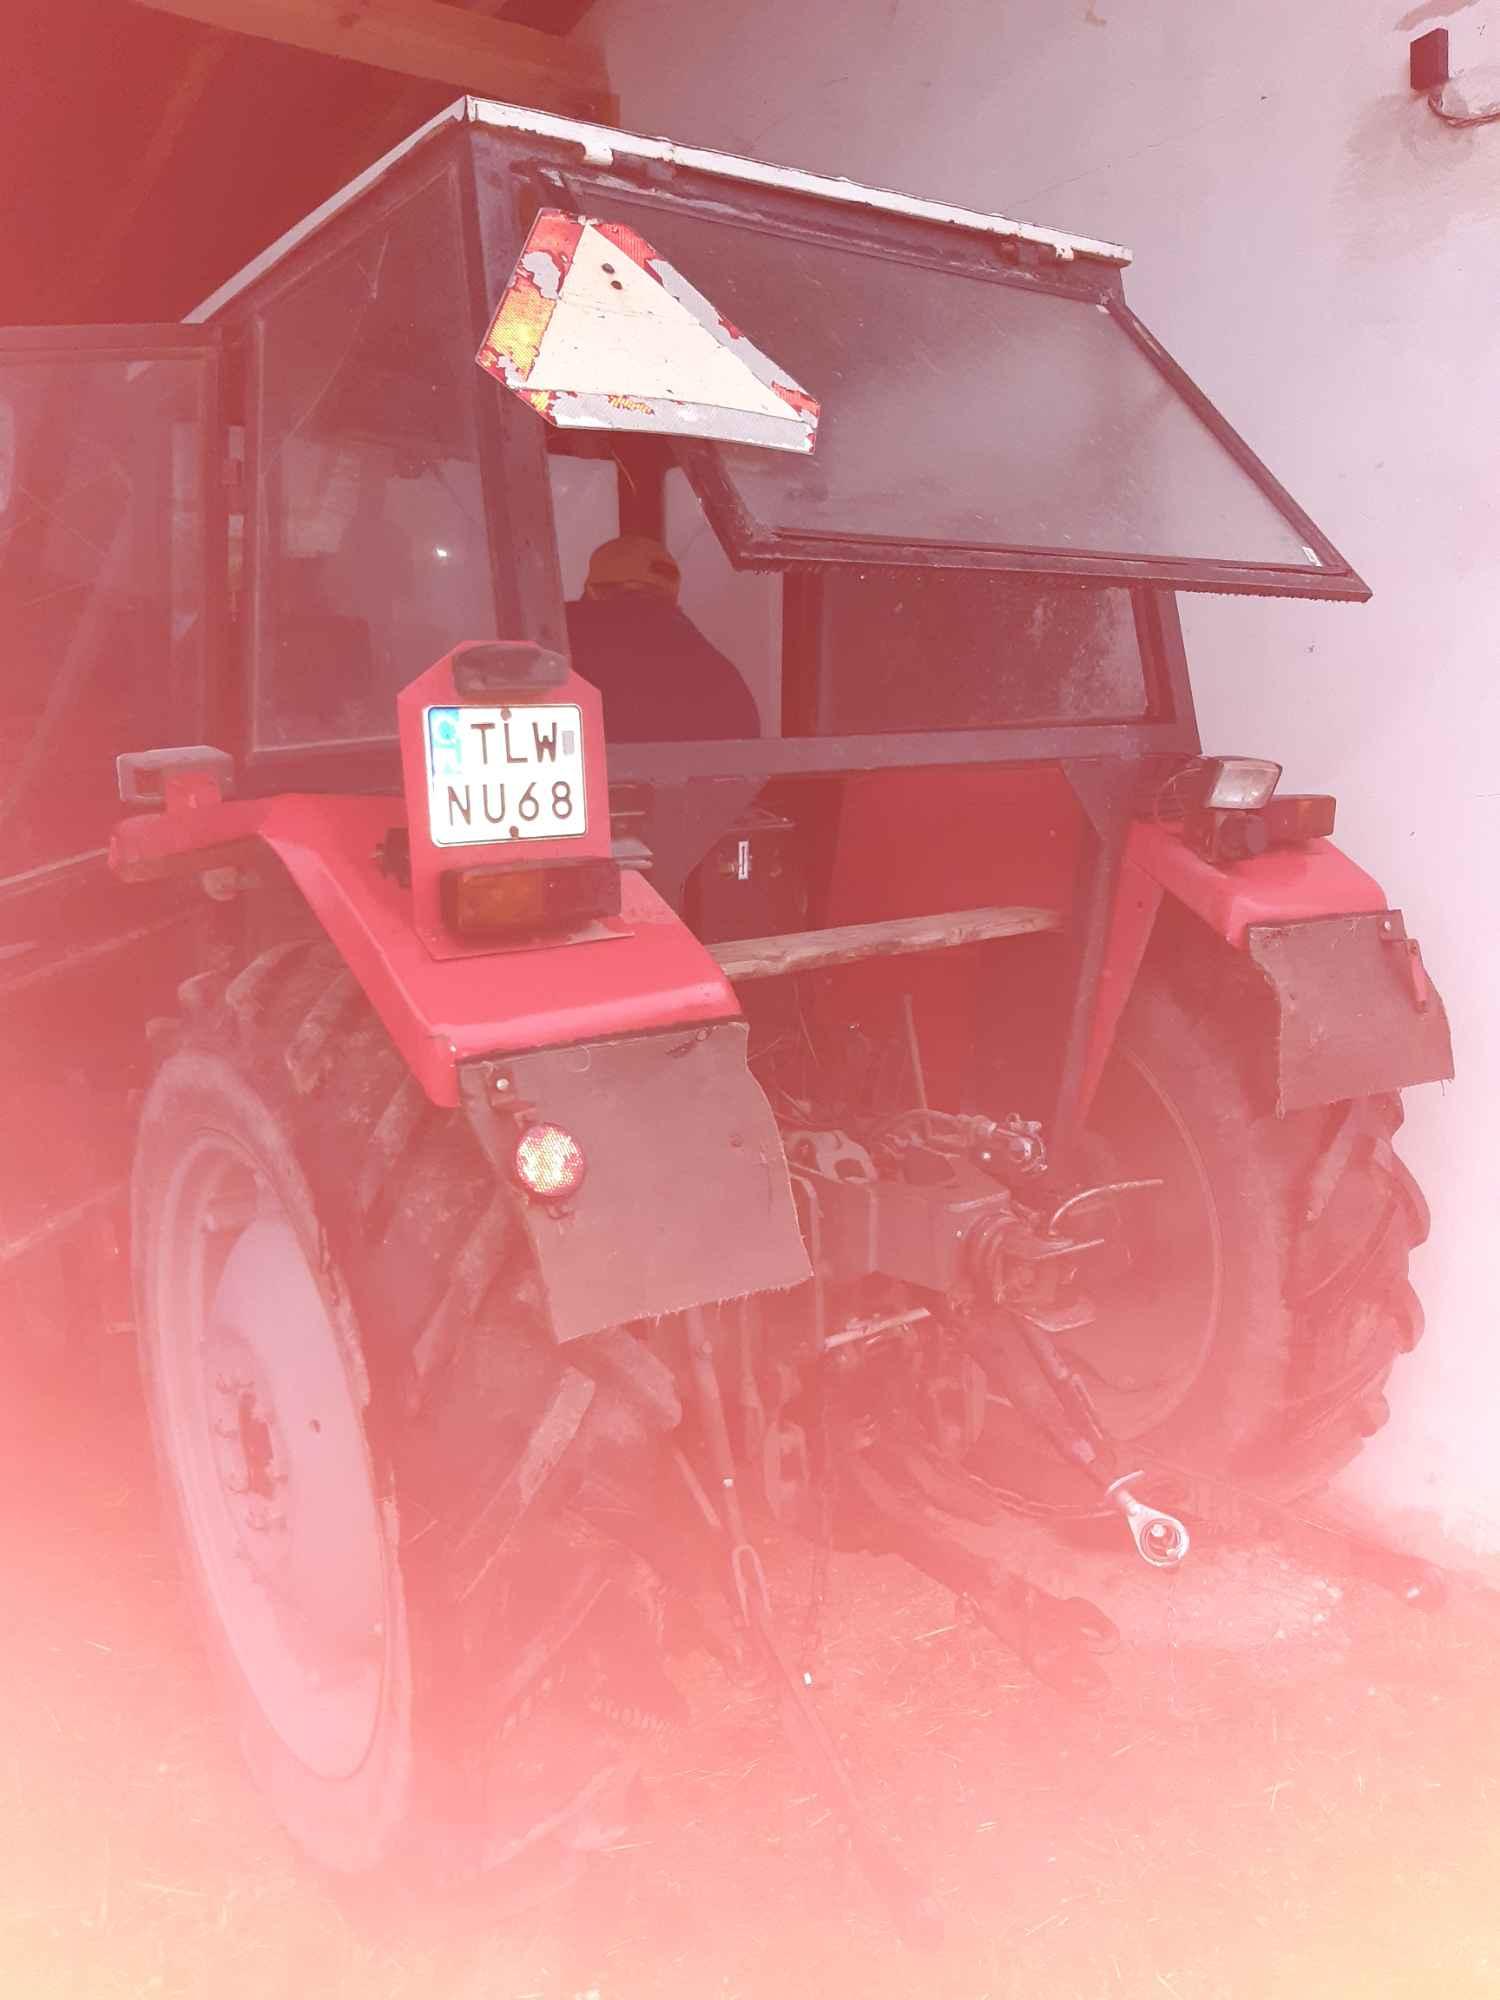 Sprzedam ciągnik MF 255 Kolonia Bobrowska Wola - zdjęcie 5